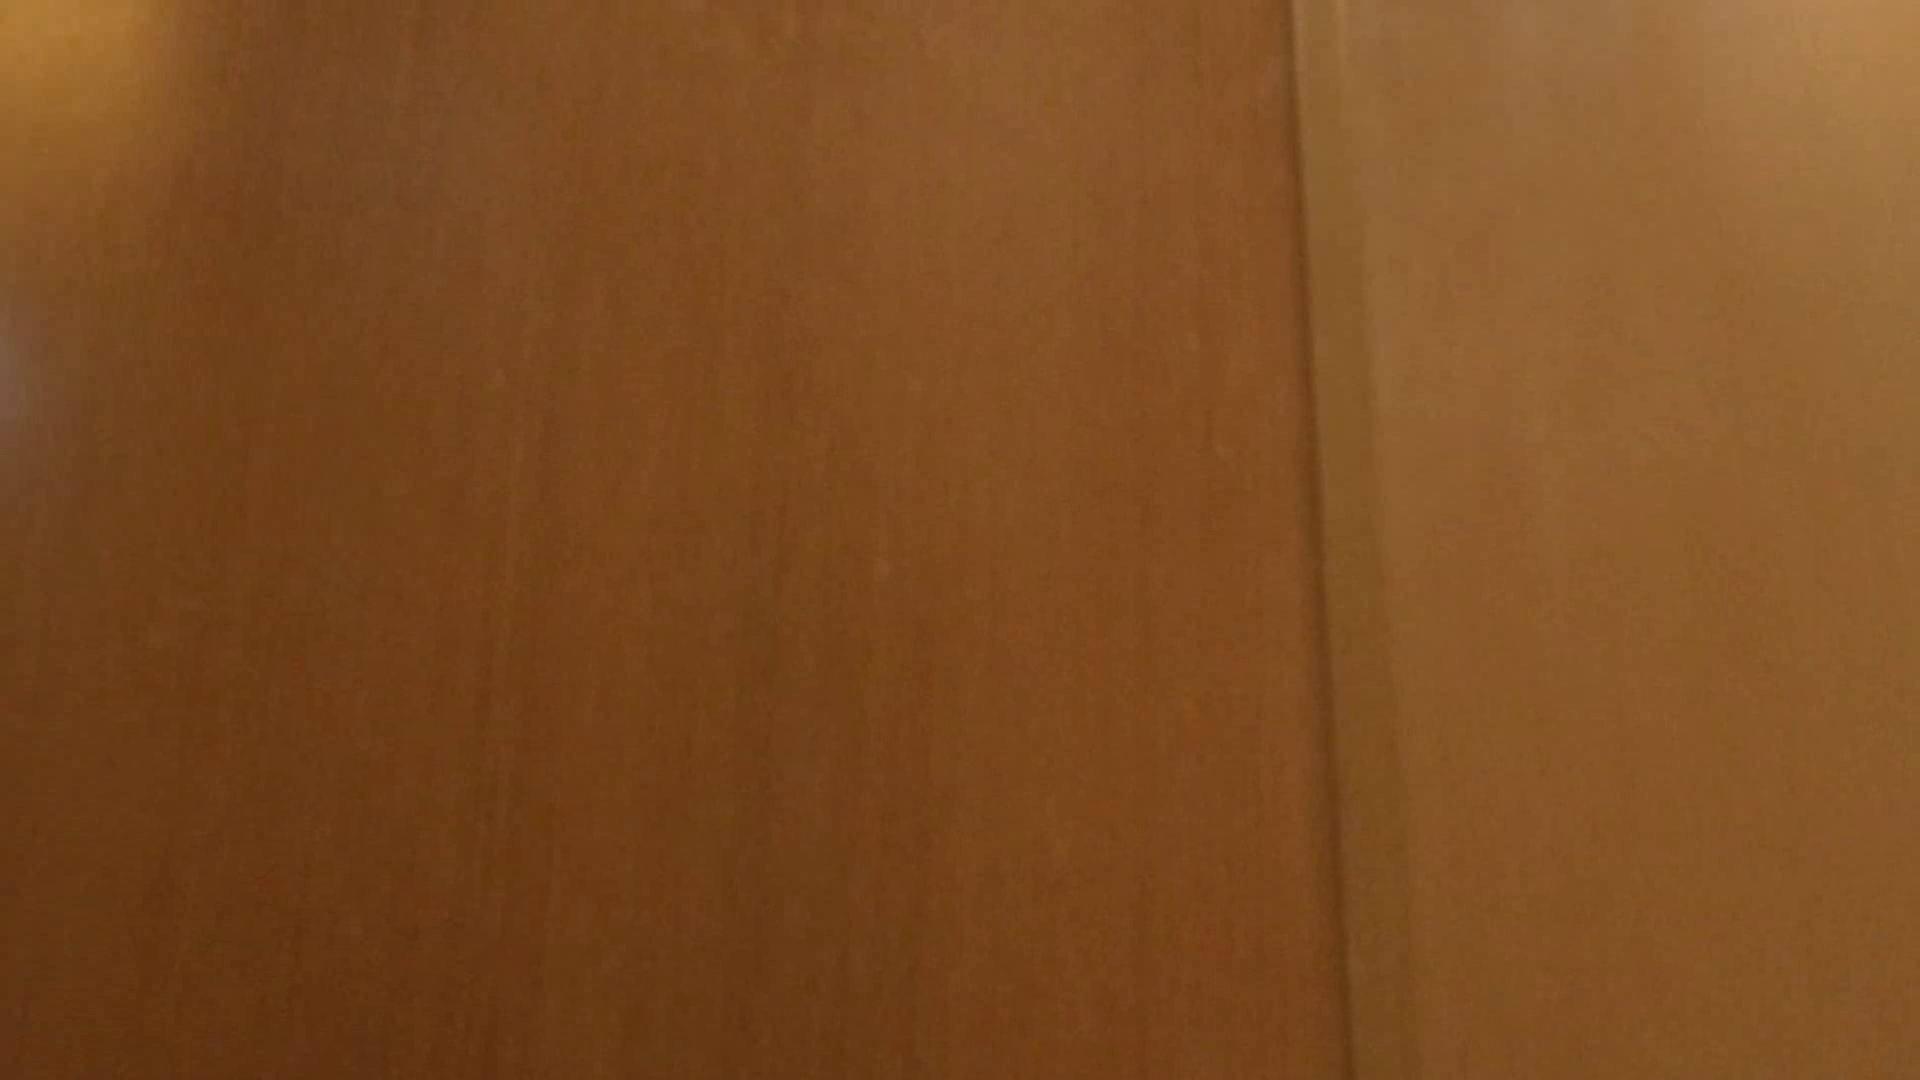 「噂」の国の厠観察日記2 Vol.02 人気シリーズ   OLのエロ生活  26連発 25